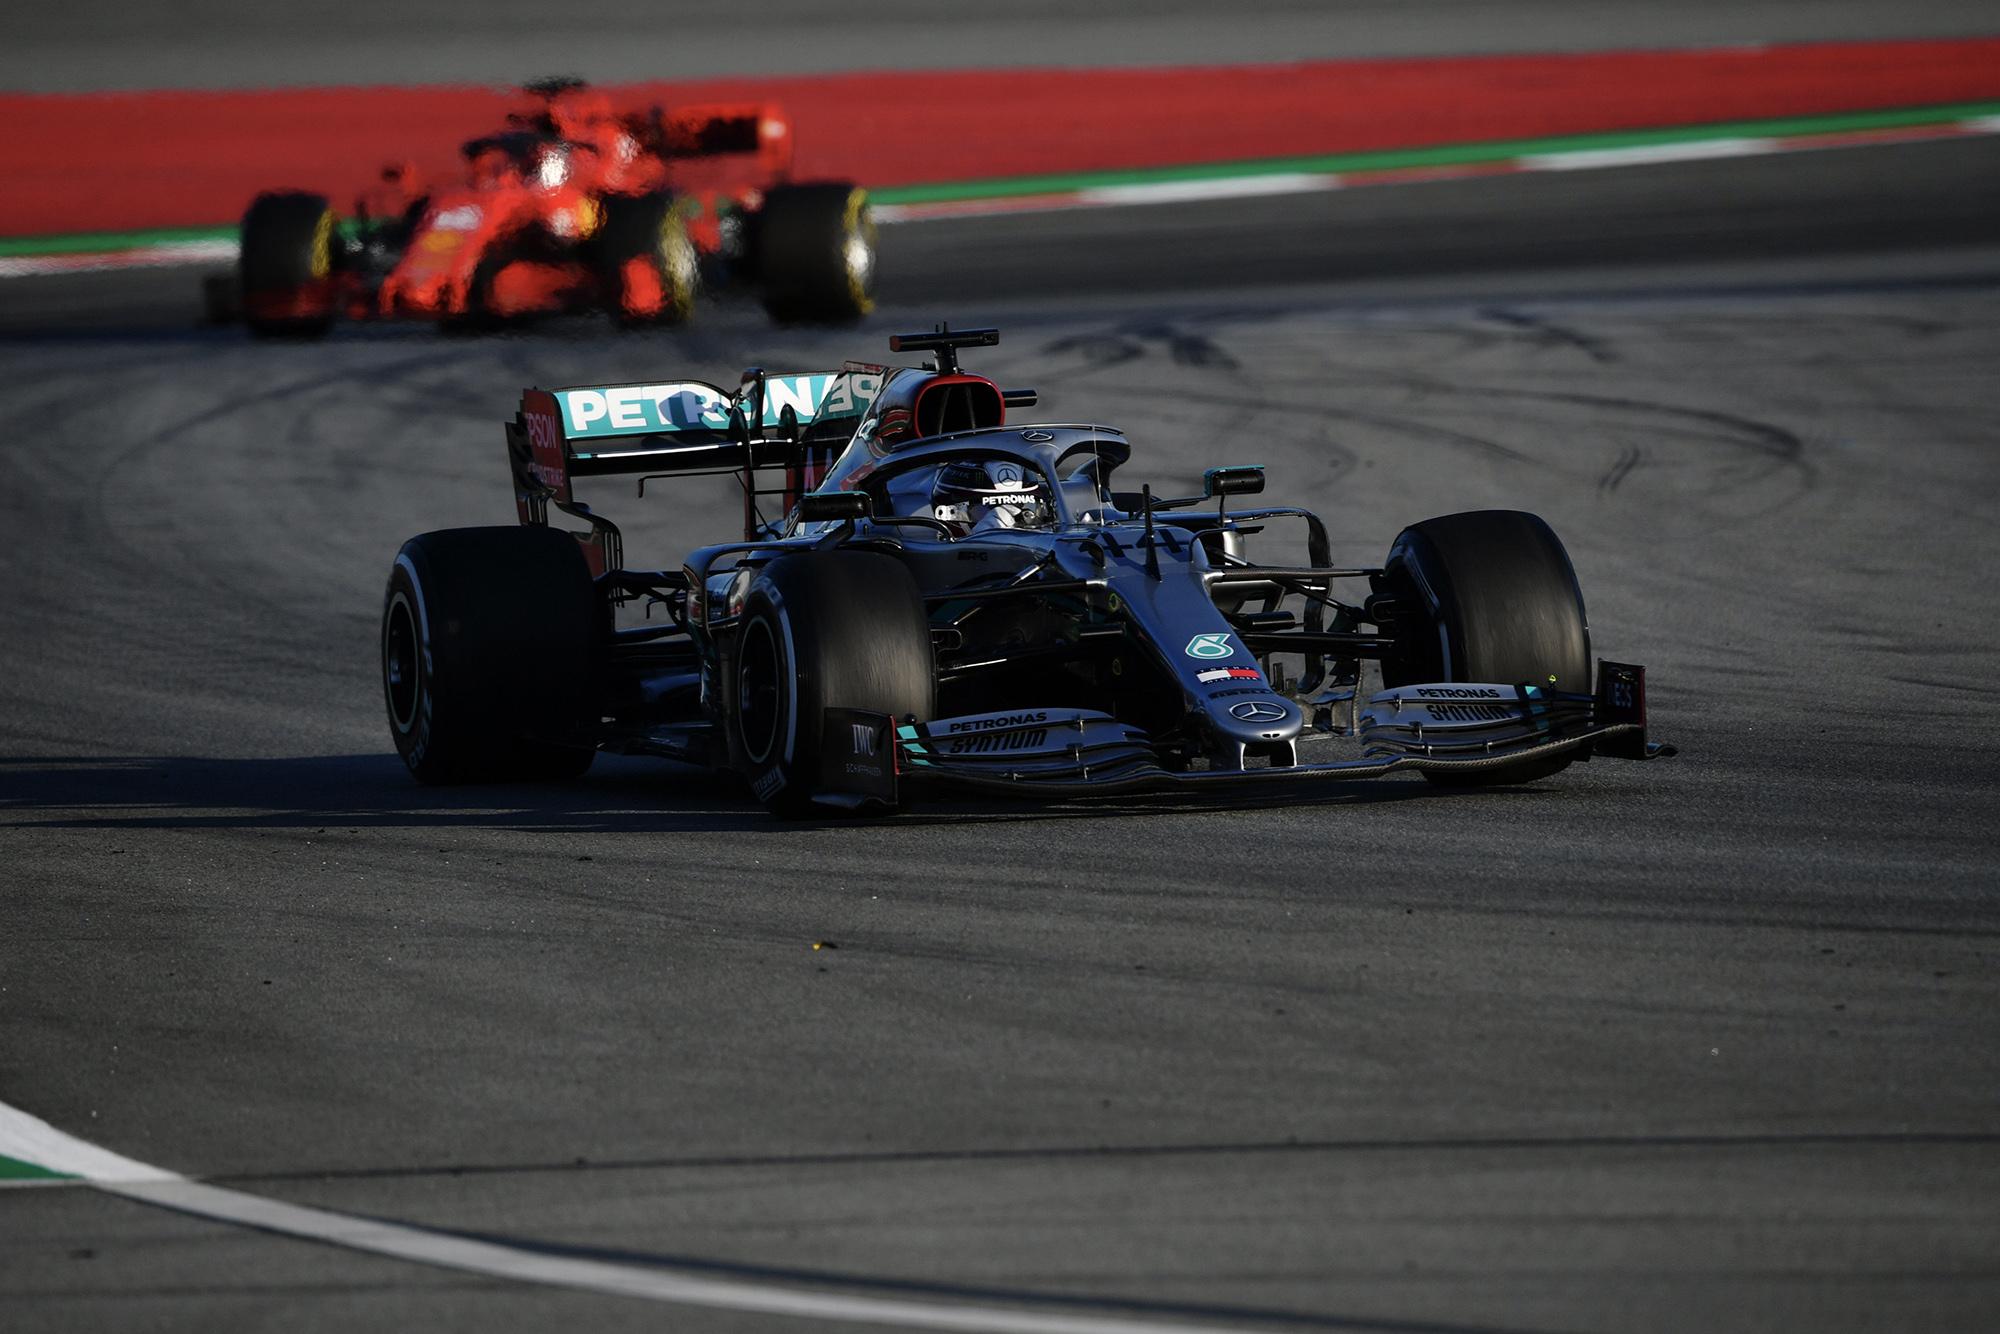 Lewis Hamilton followed by a Ferrari in 2020 F1 preseason testing